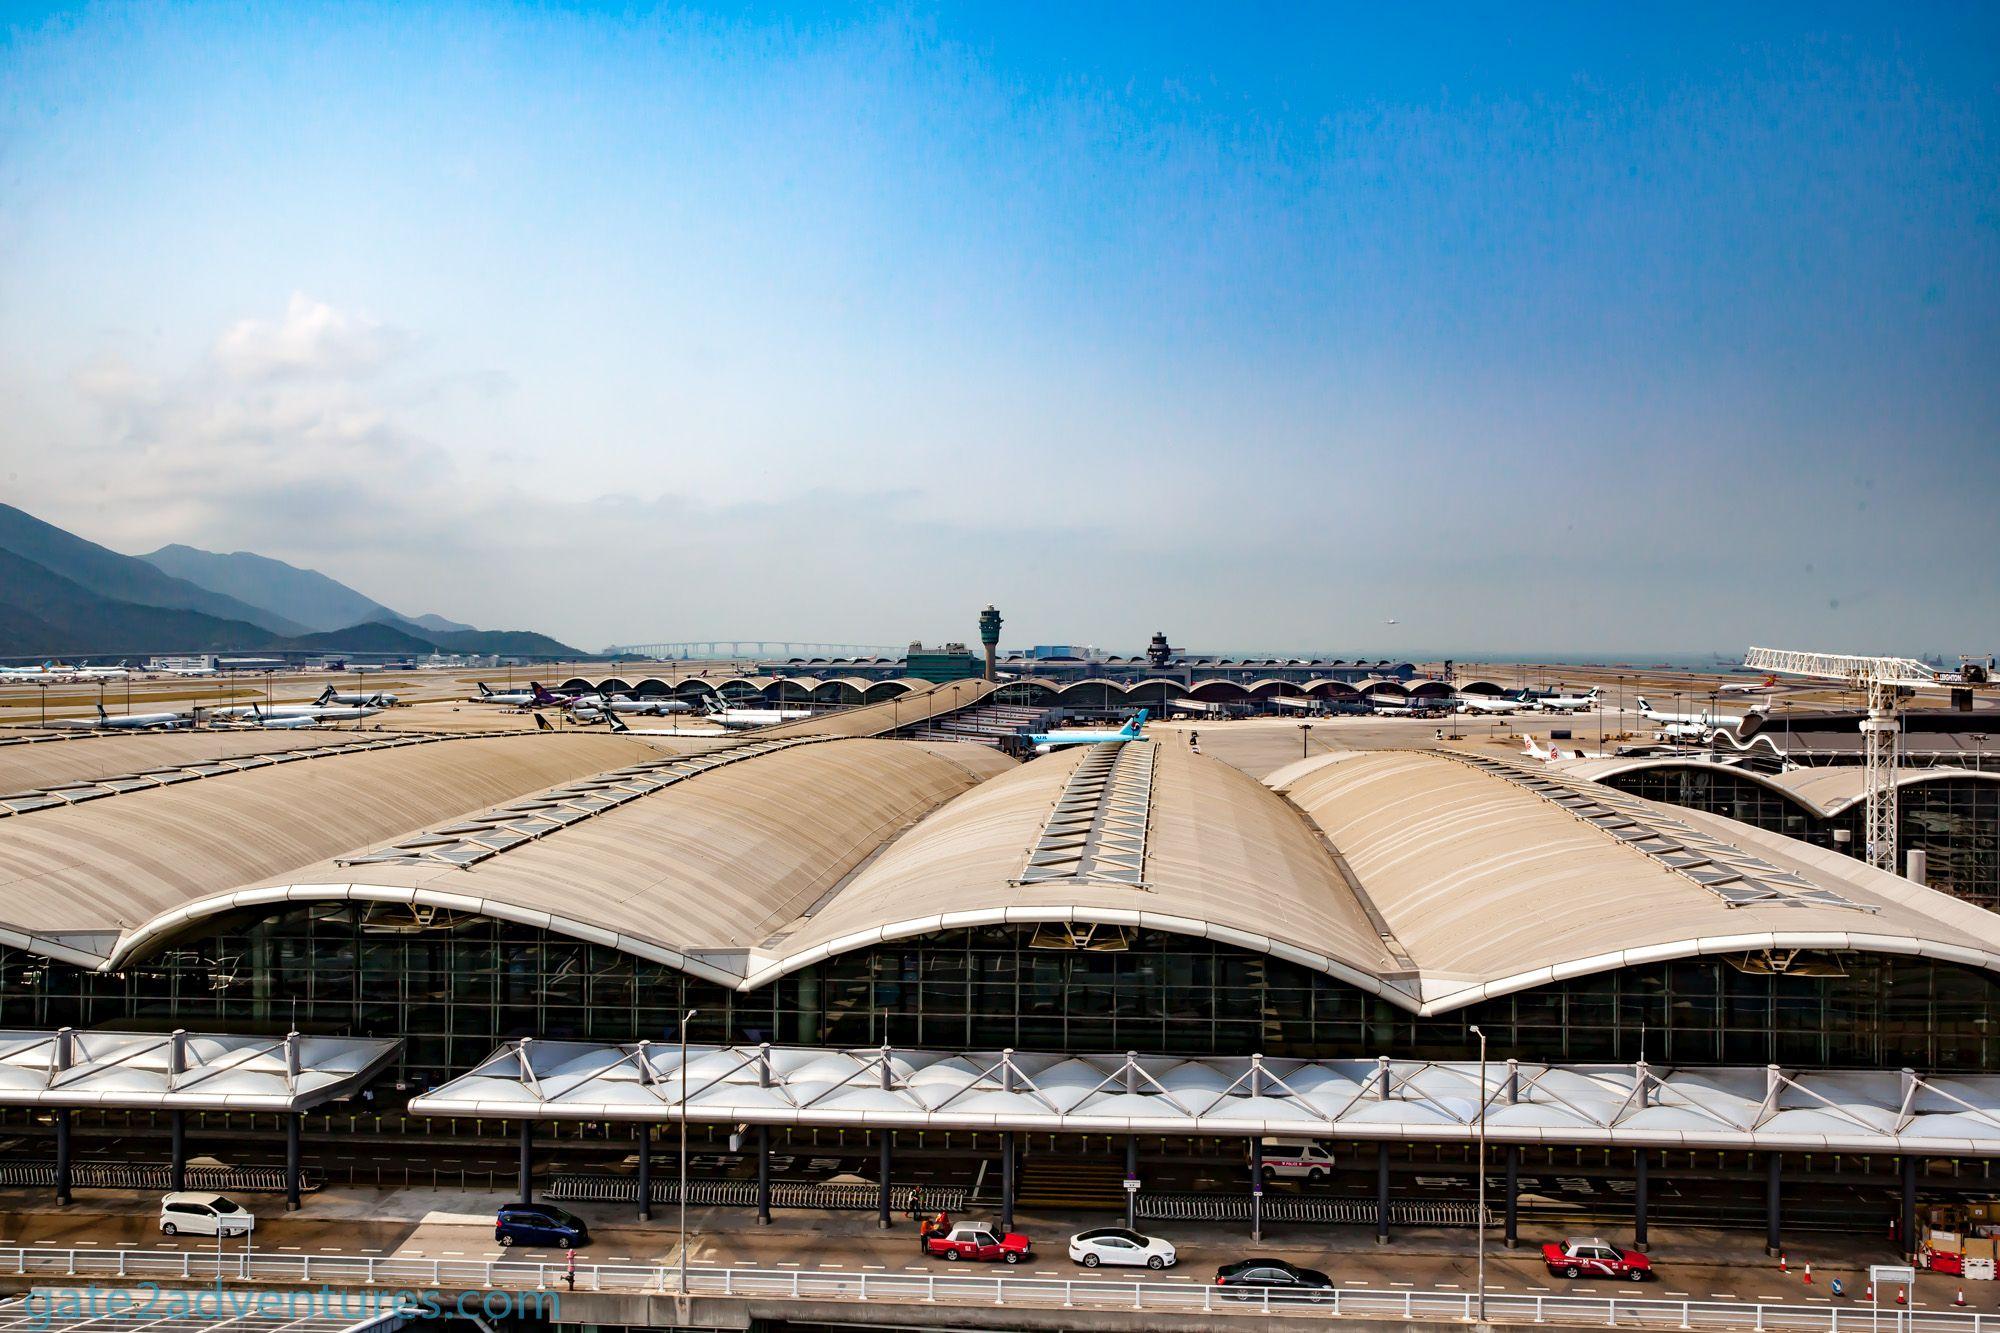 The Secret SkyDeck at Hong Kong International Airport